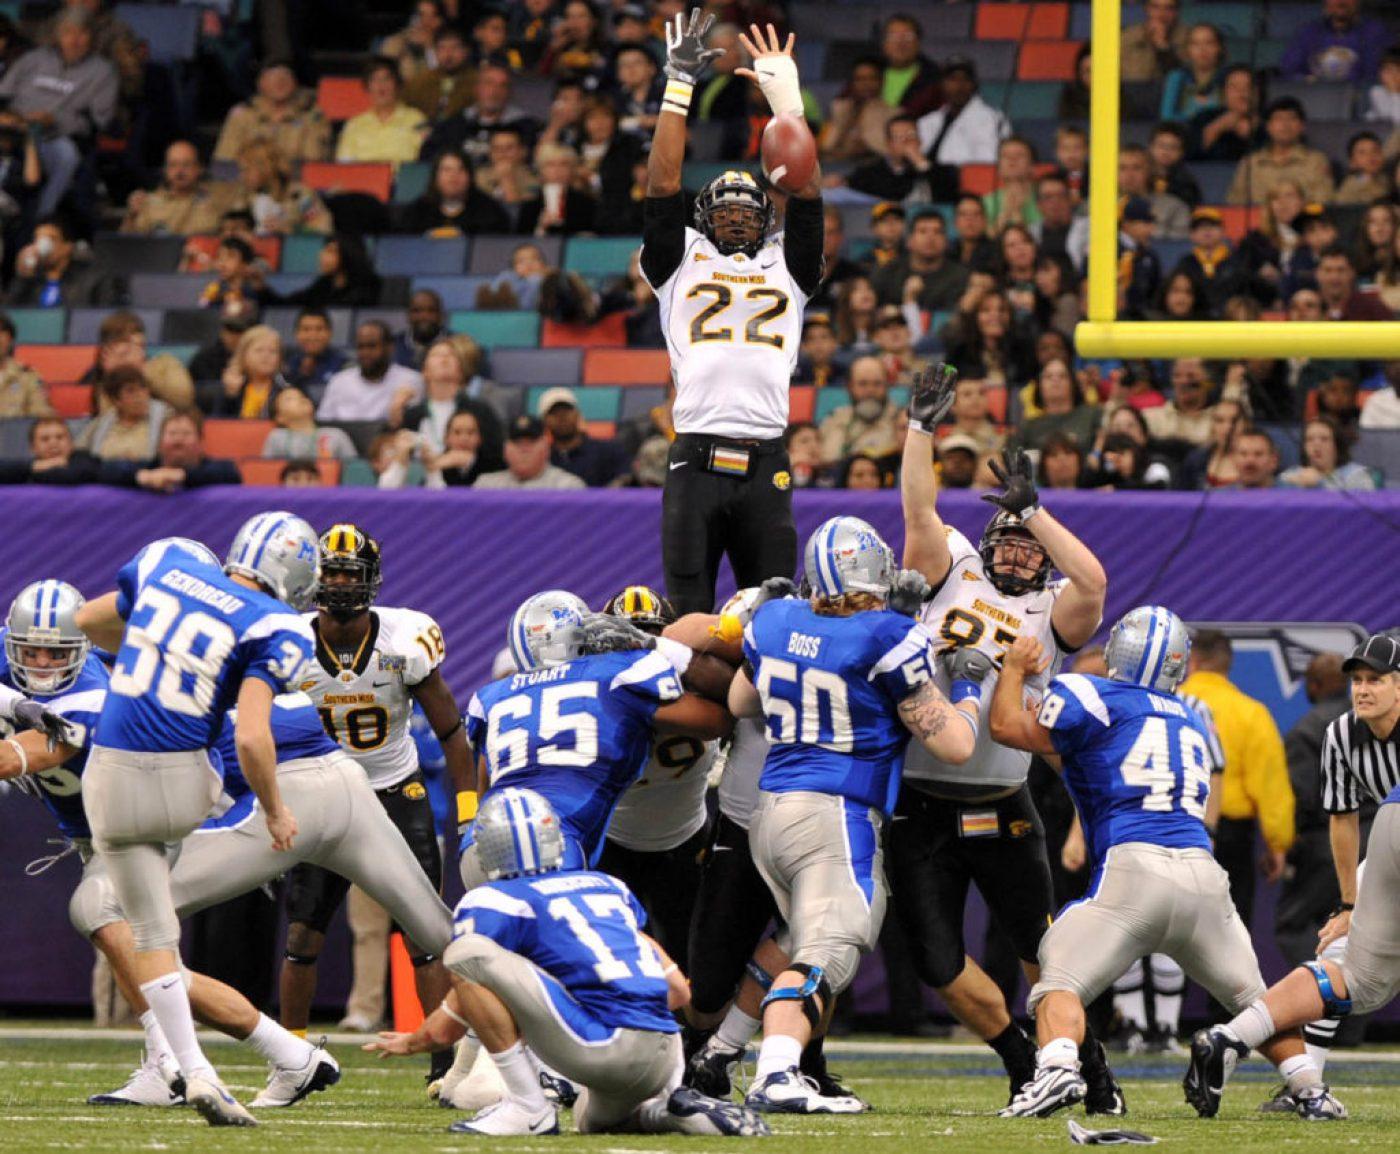 APTOPIX New Orleans Bowl Football